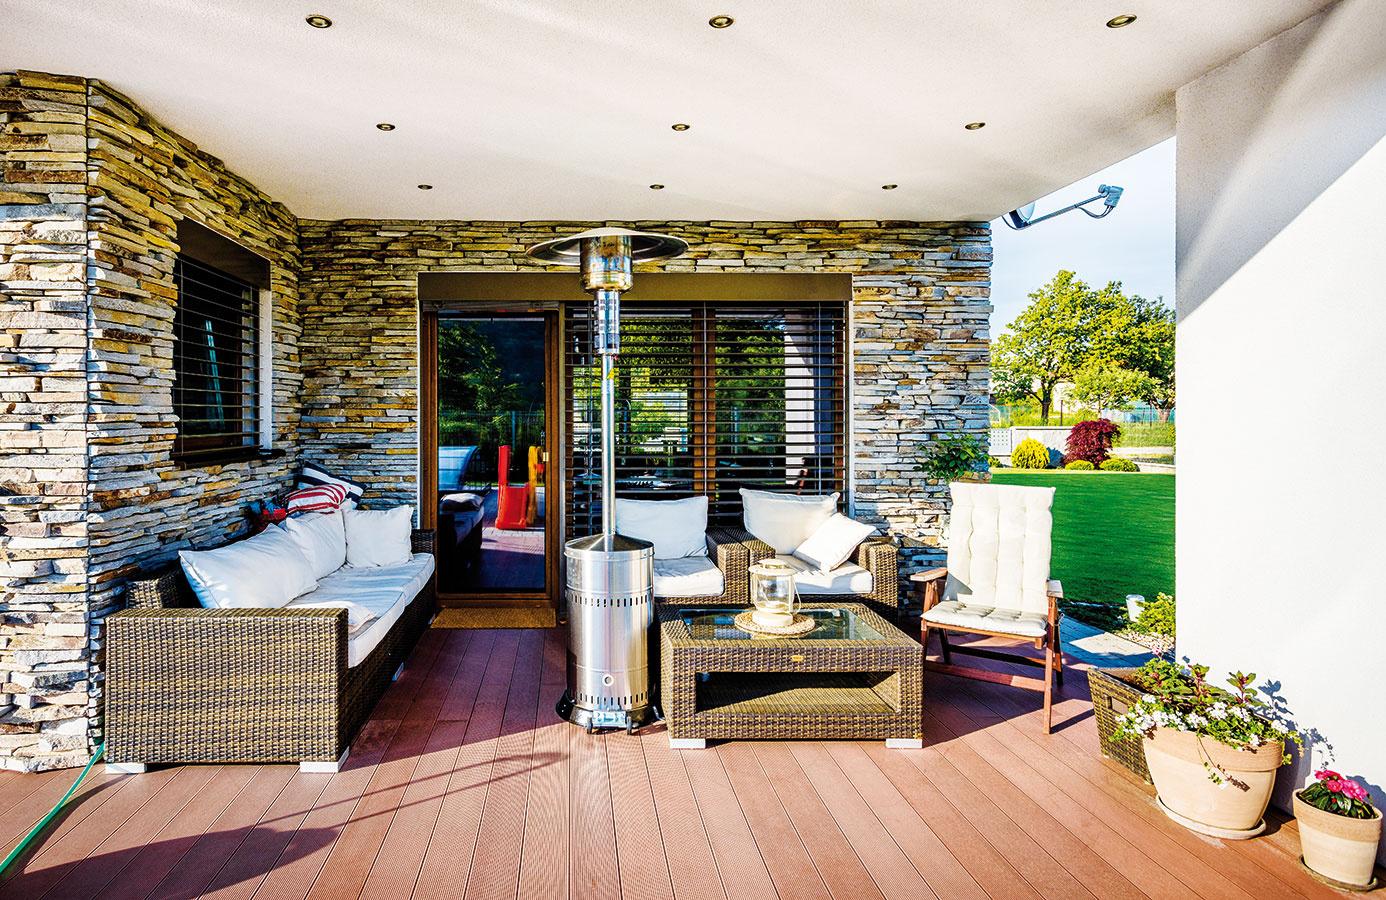 Rozšírená terasa nadväzuje na jedáleň aobývačku. Majitelia si tu zabezpečili príjemný tieň pomocou výsuvnej markízy. Podlaha zkompozitného materiálu je nenáročná na údržbu, stačí ju zčasu na čas umyť vysokotlakovým čističom.